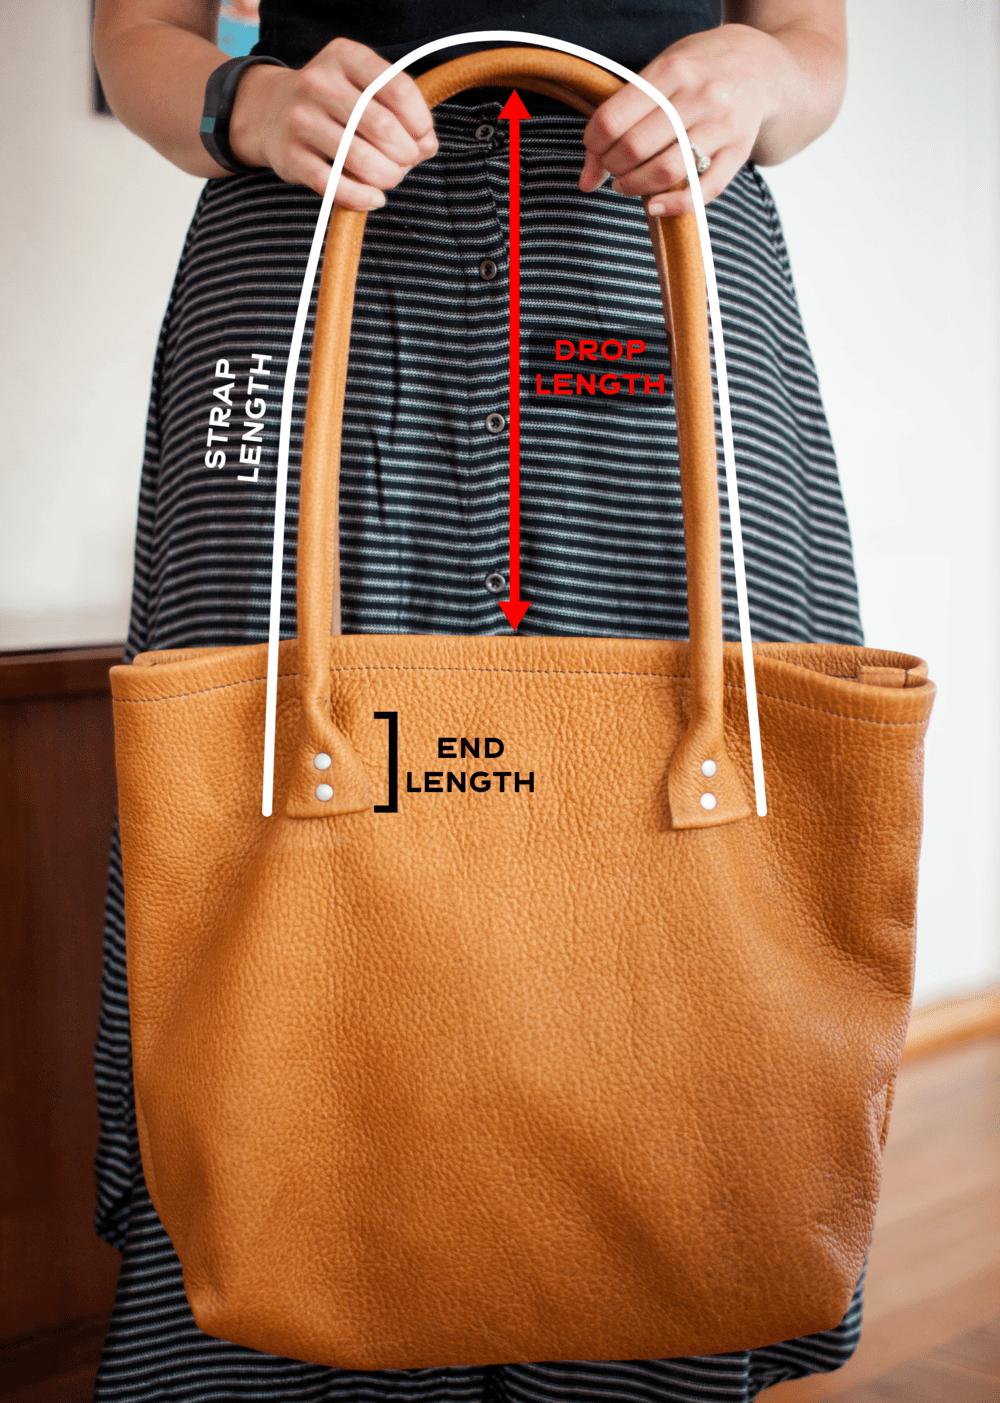 cách tính các kích thước túi xách